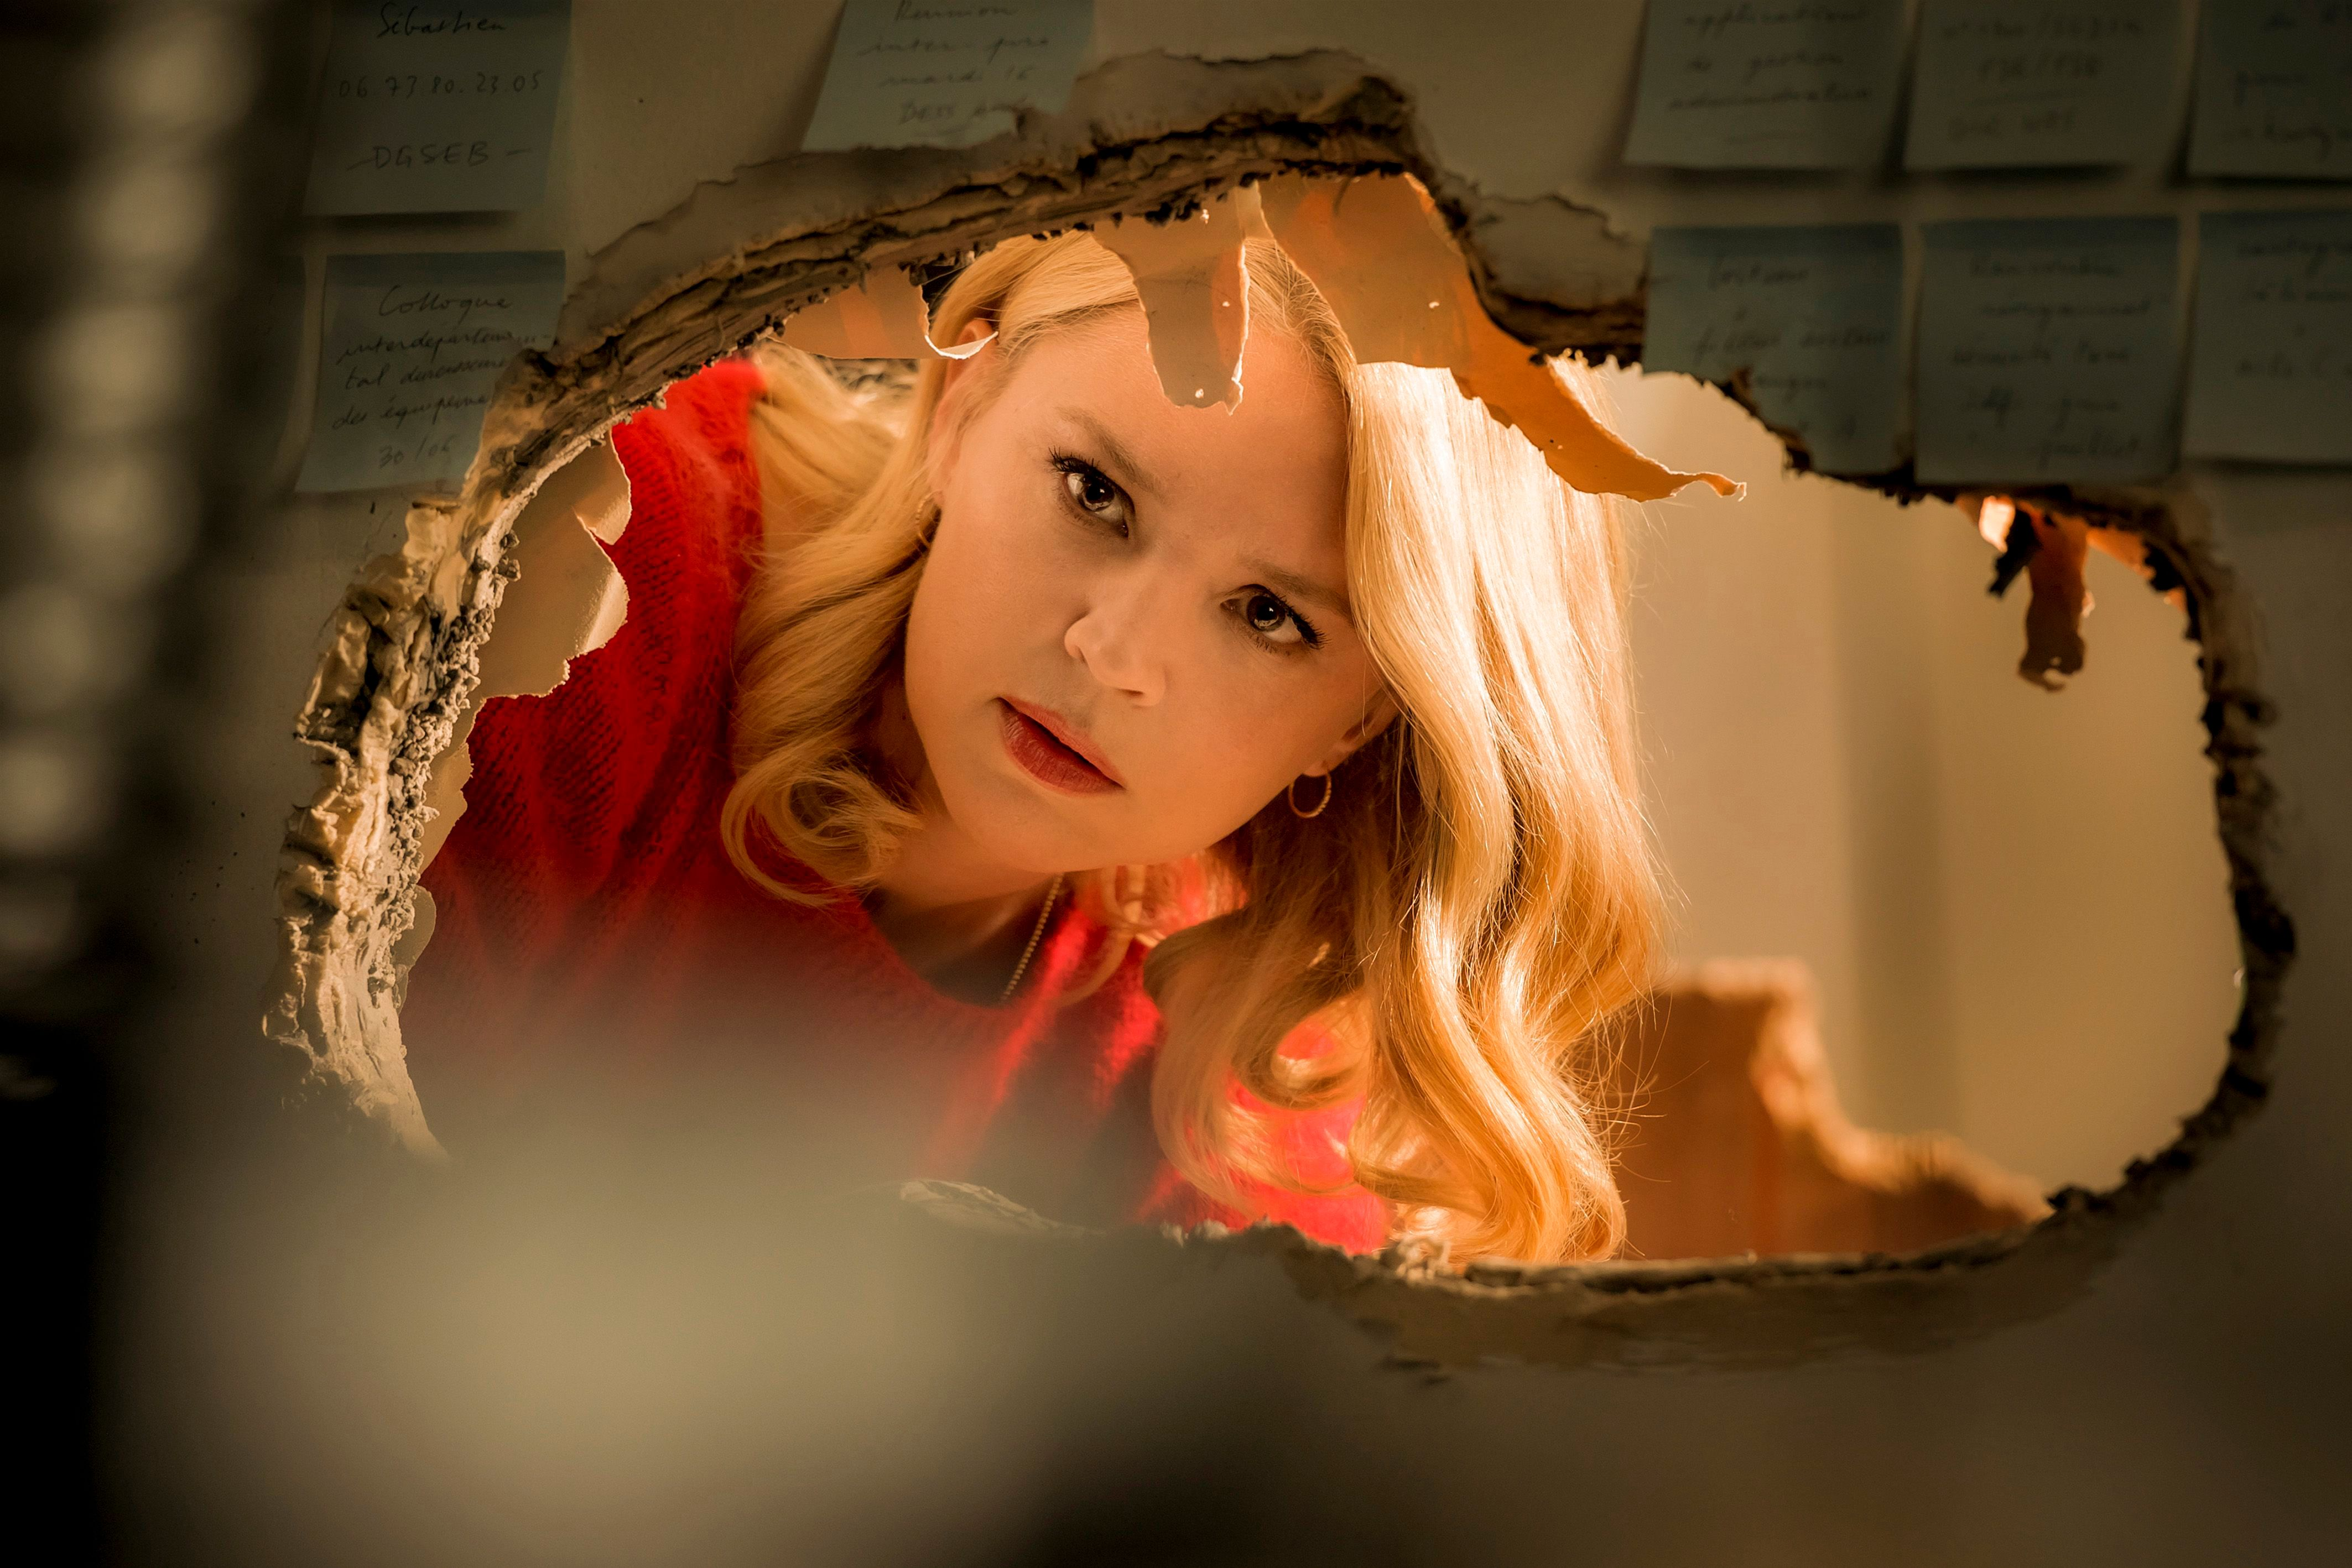 Réouverture des cinémas mi-mai : «Adieu les cons», «le film idéal pour la reprise», affirme Virginie Efira